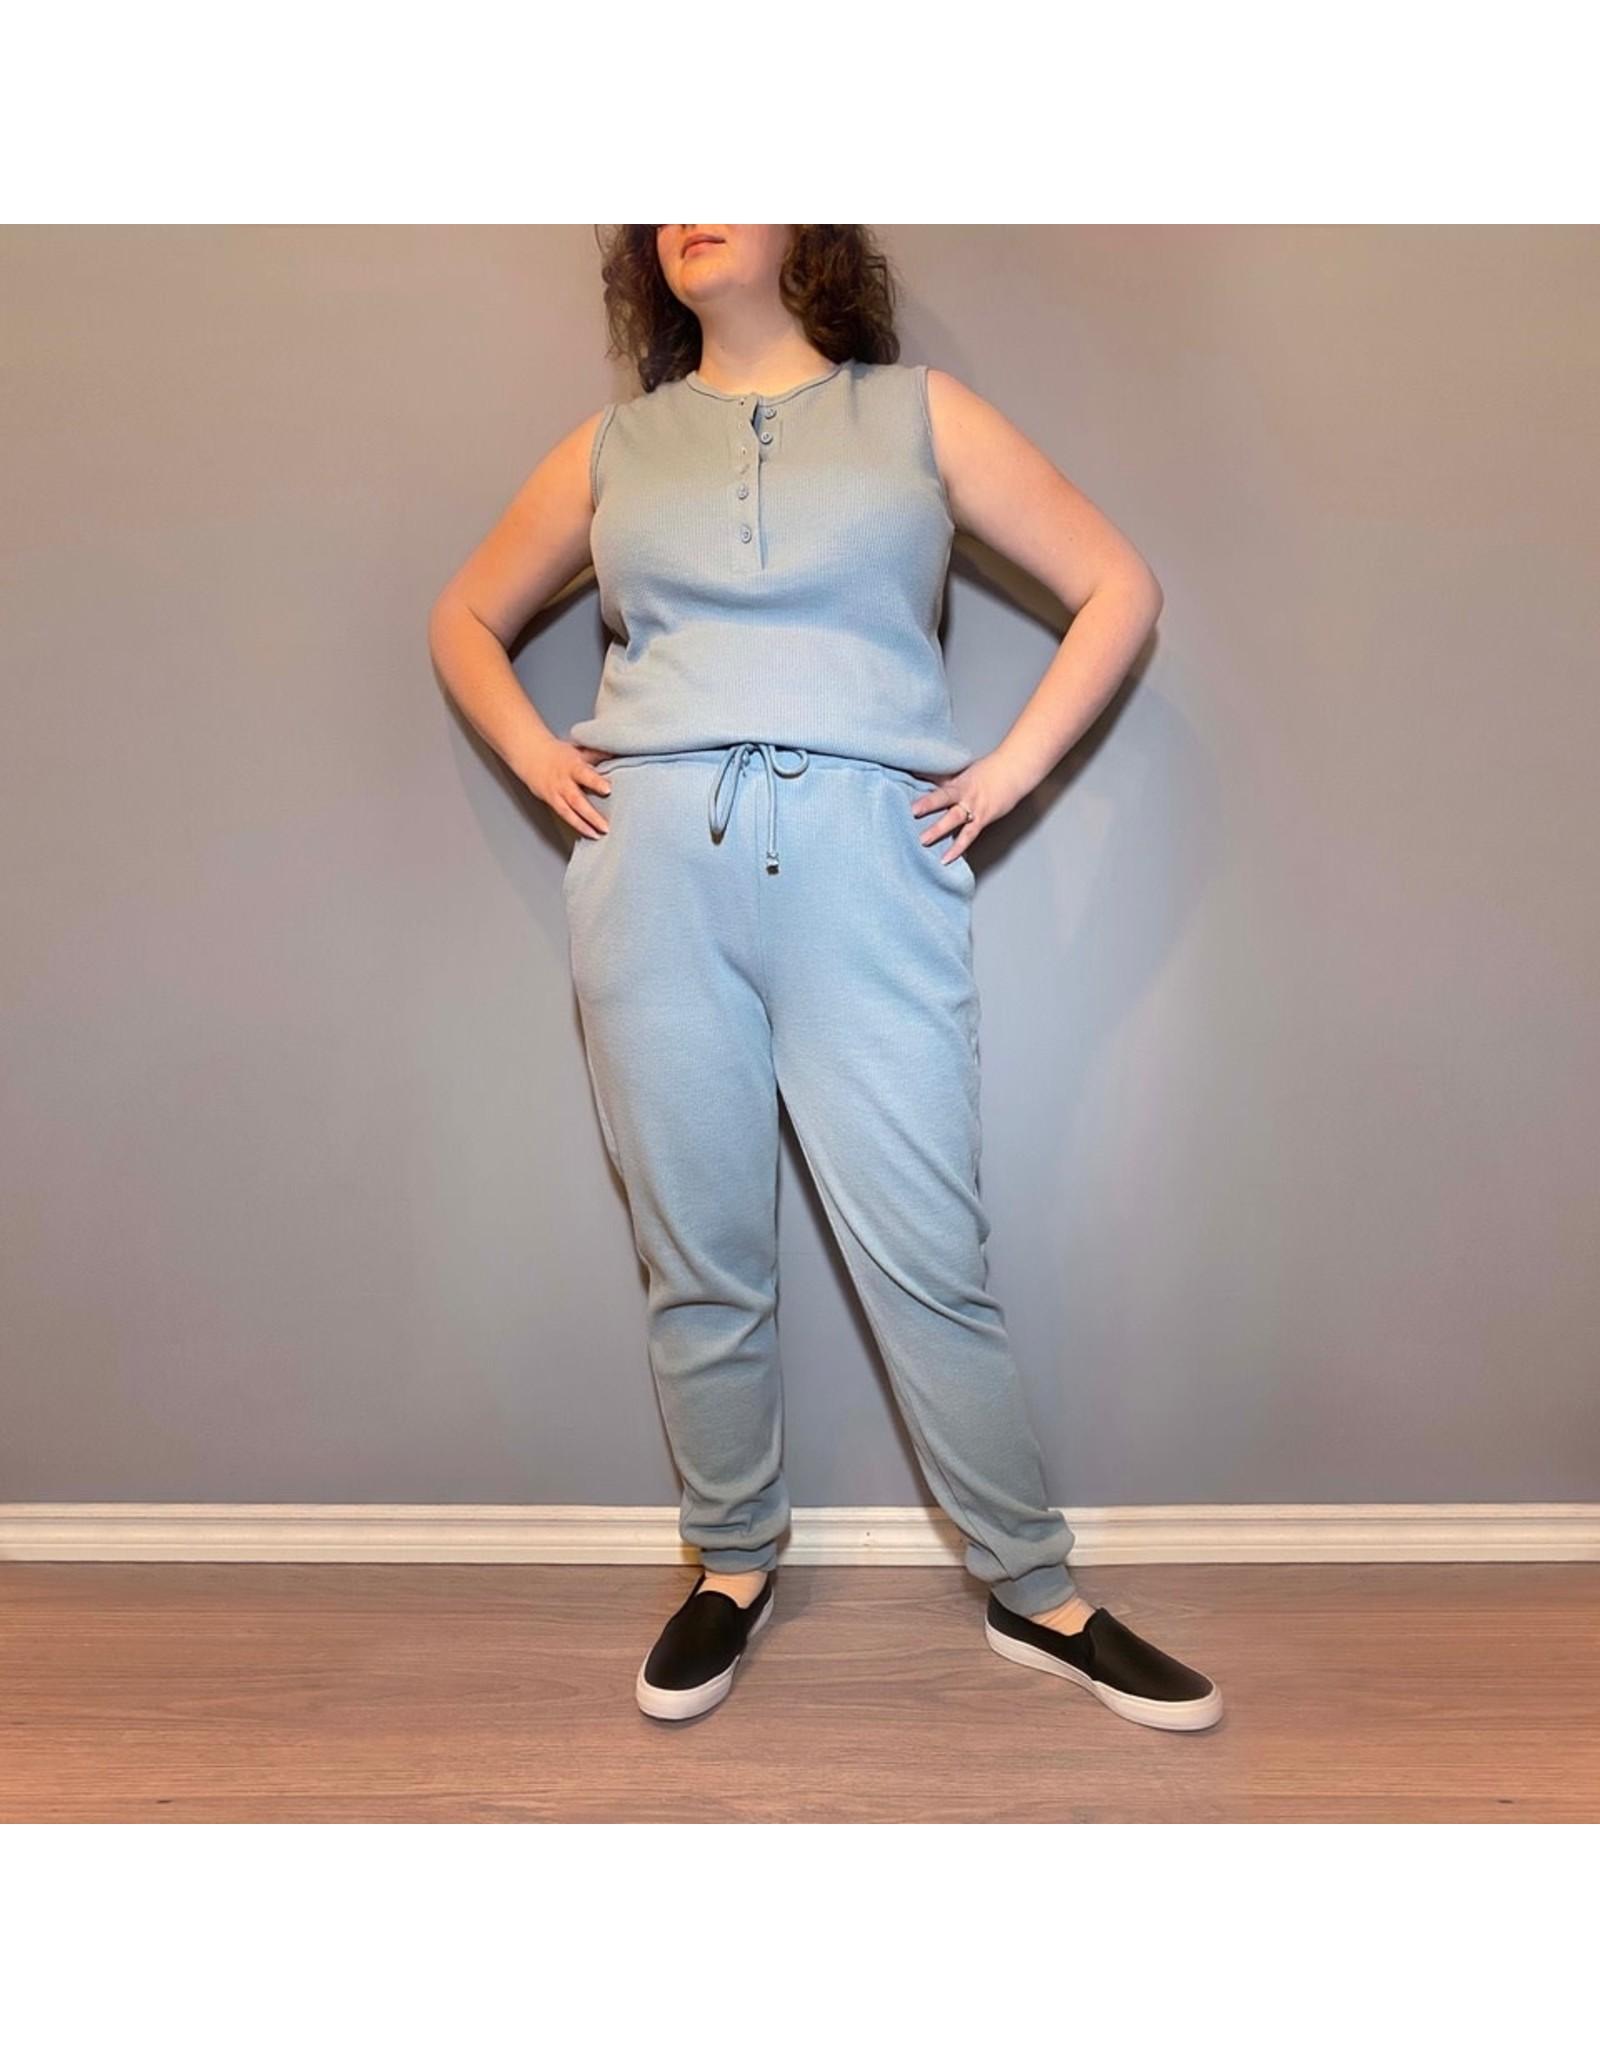 Bonanza - Cozy Waffle Jumpsuit in Blue or Black